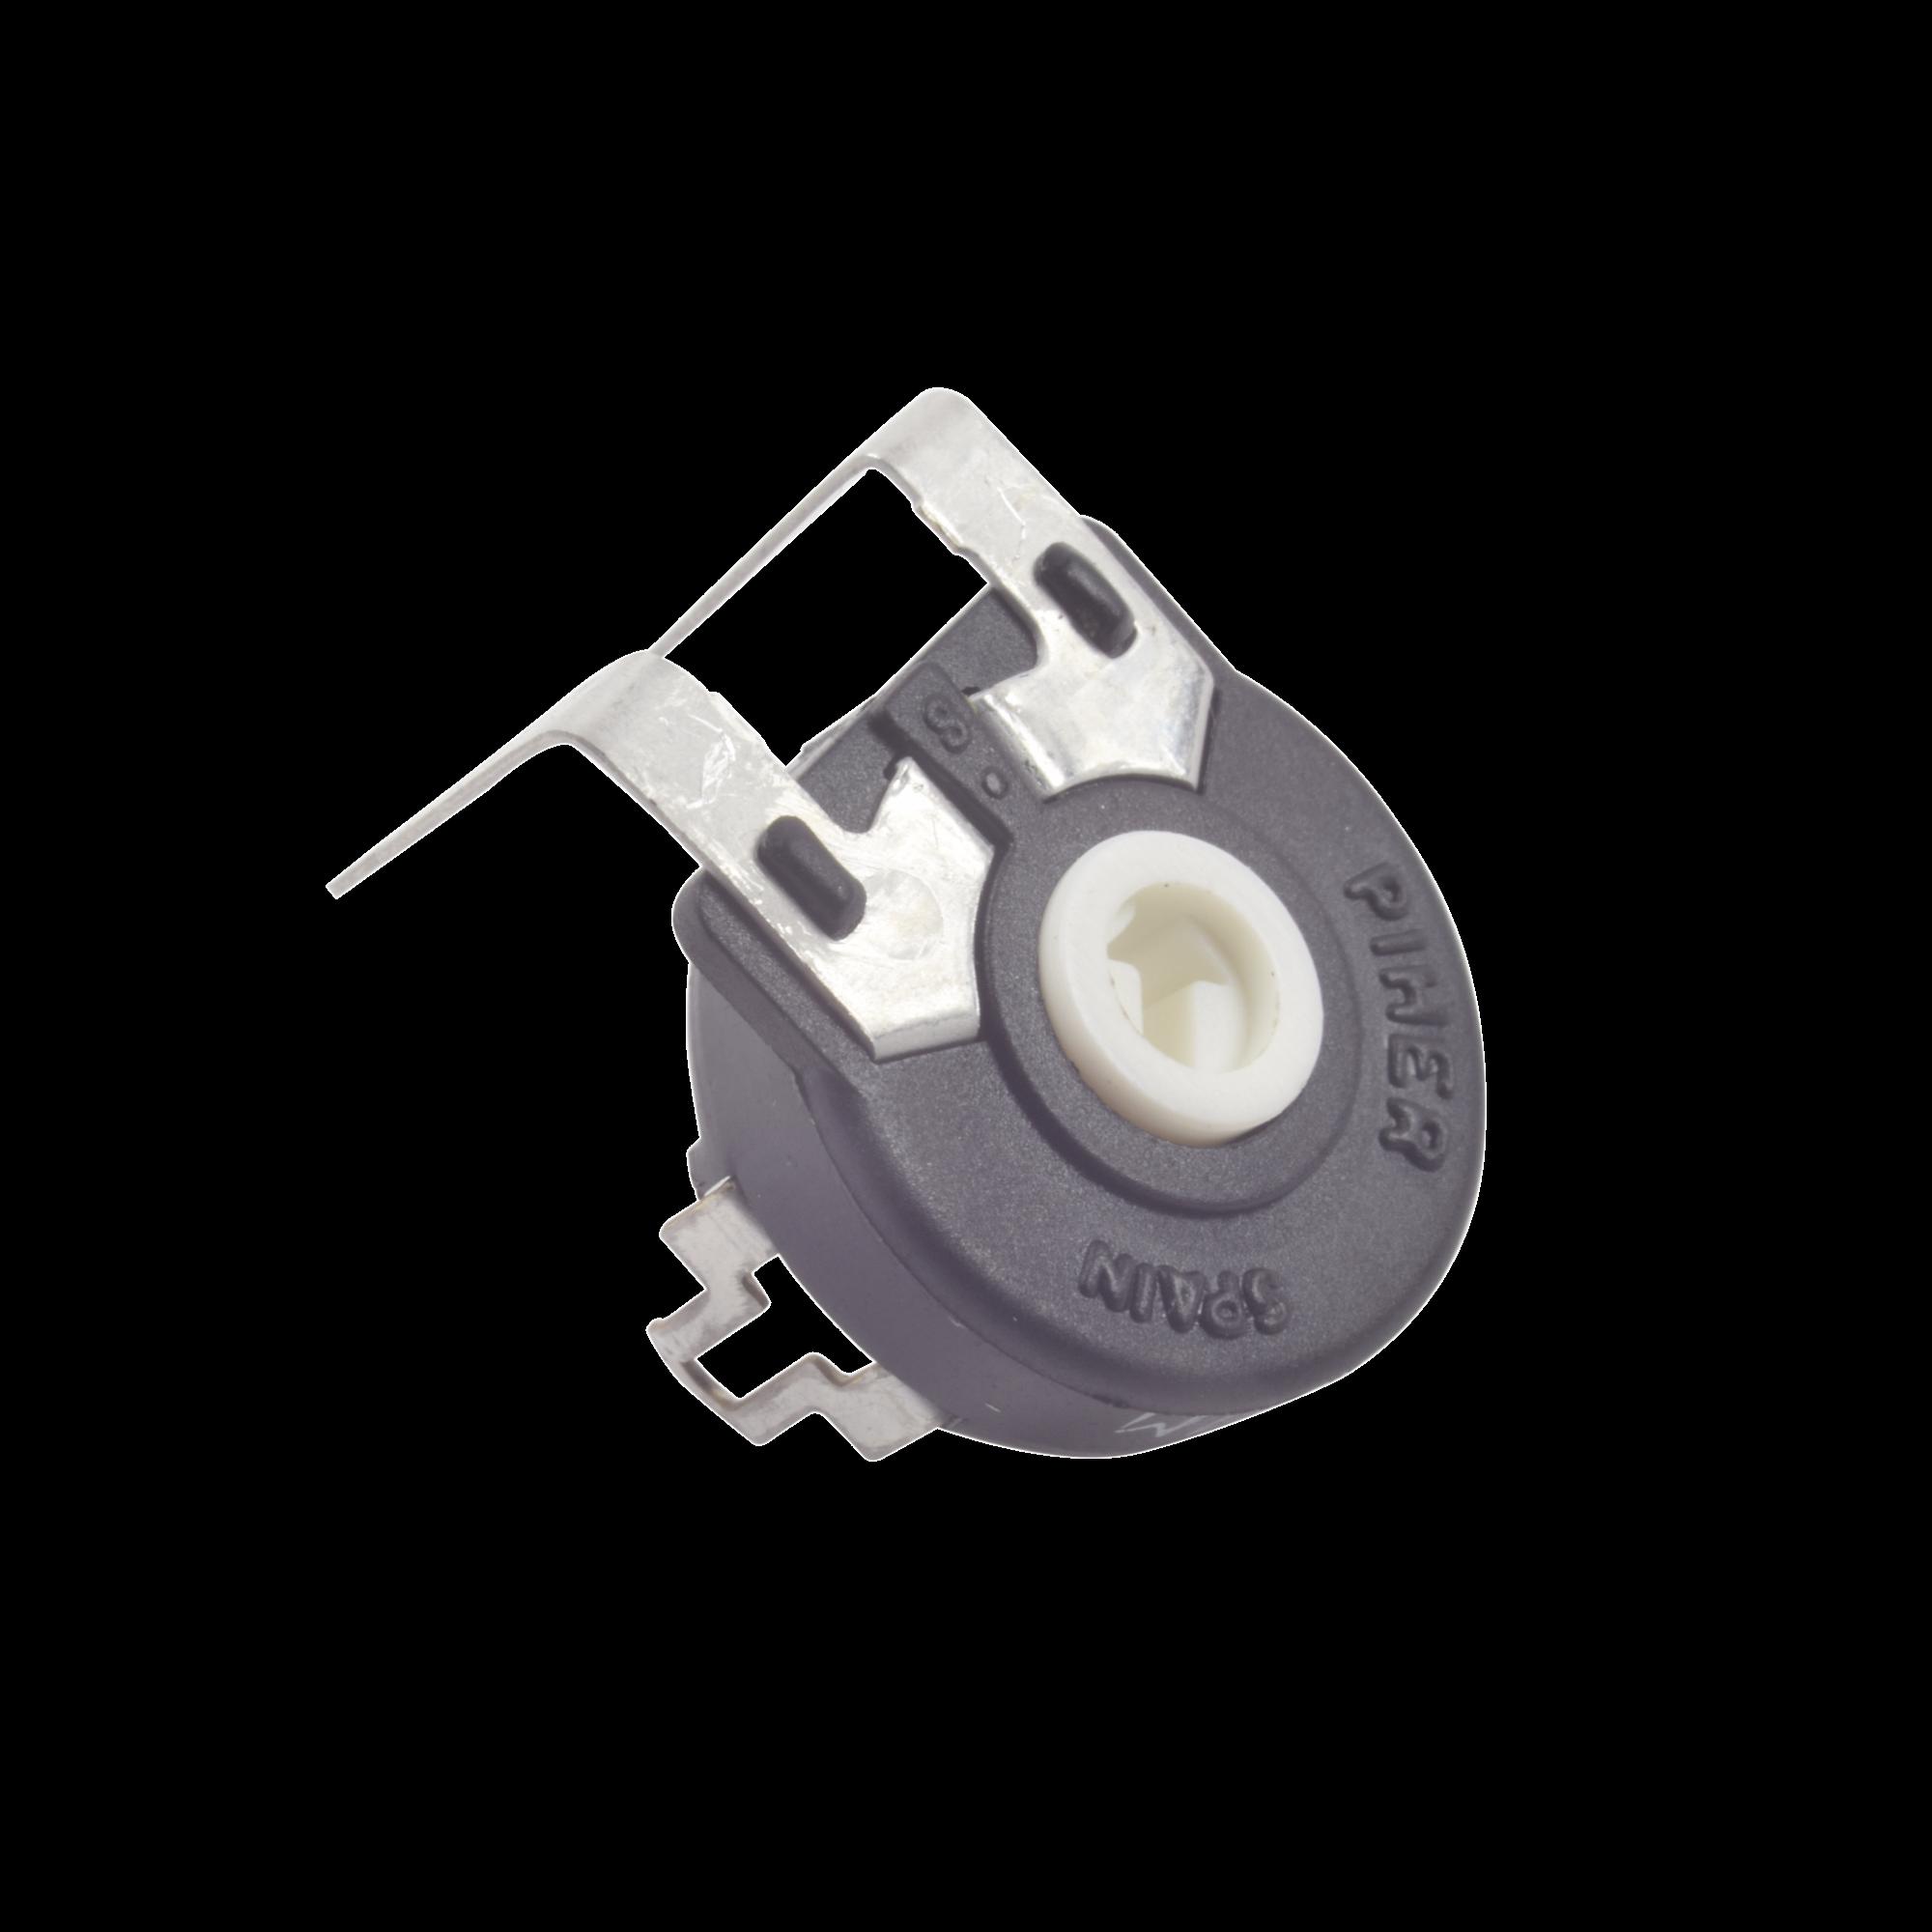 Potenciómetro de Carbón de 10 k Ohm, 0.25 Watt 15 mm Ajuste Vertical.